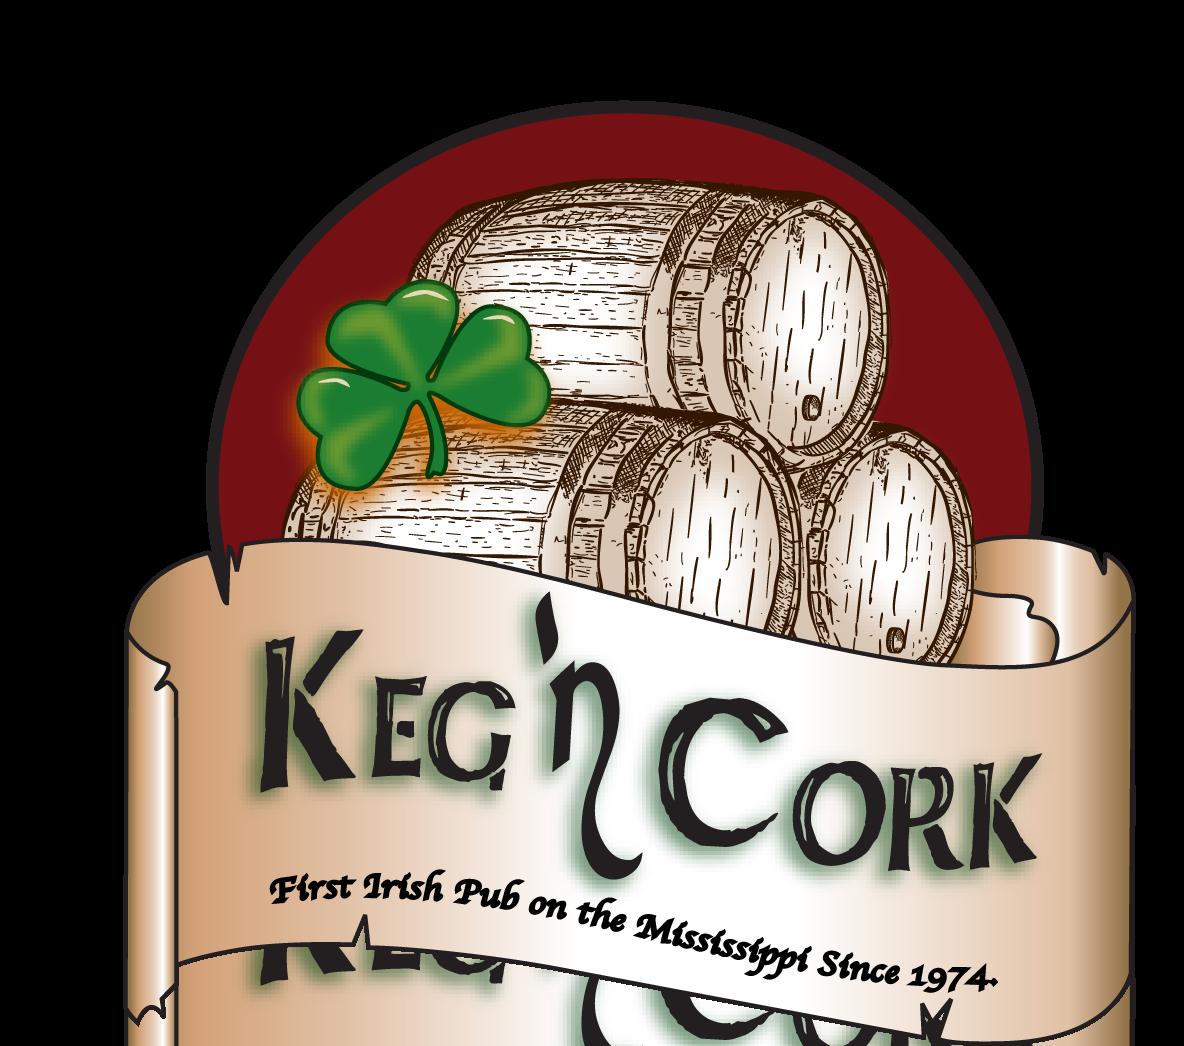 Keg N' Cork